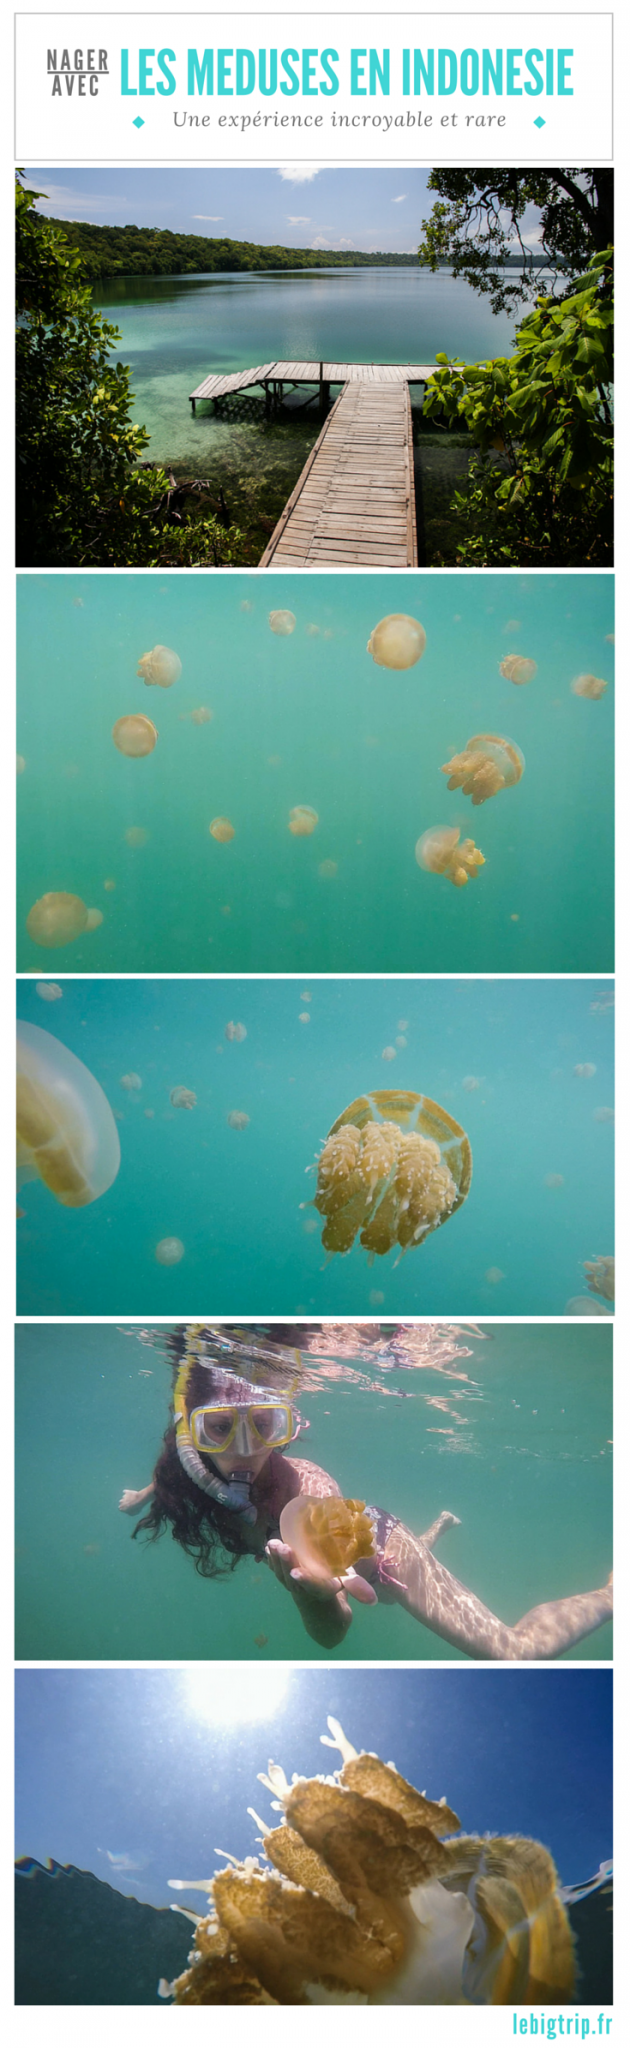 [VIDEO] Nager avec les méduses de Kakaban, une experience incroyable